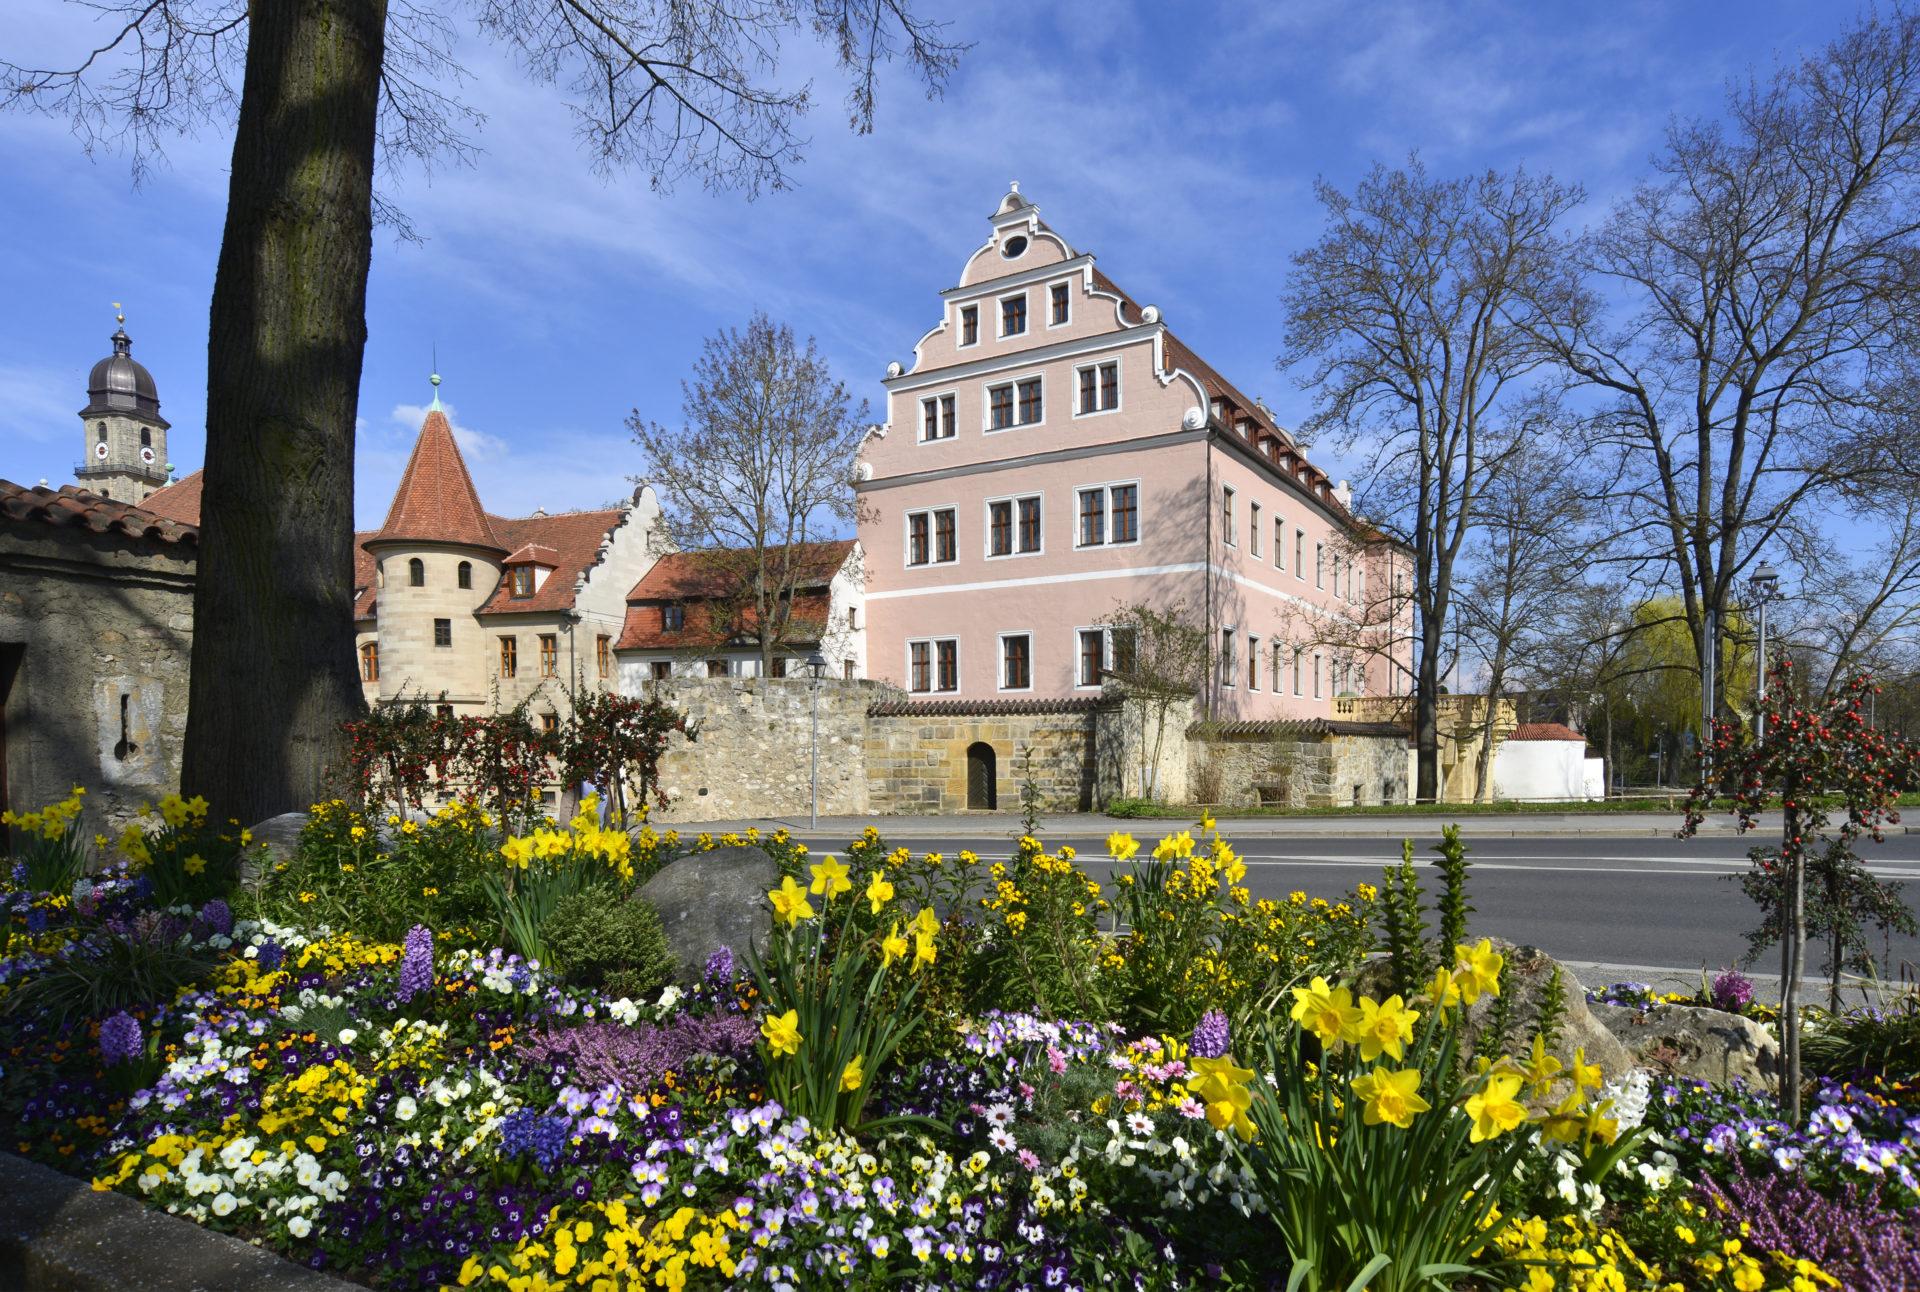 Kurfürstliches Schloss in Amberg